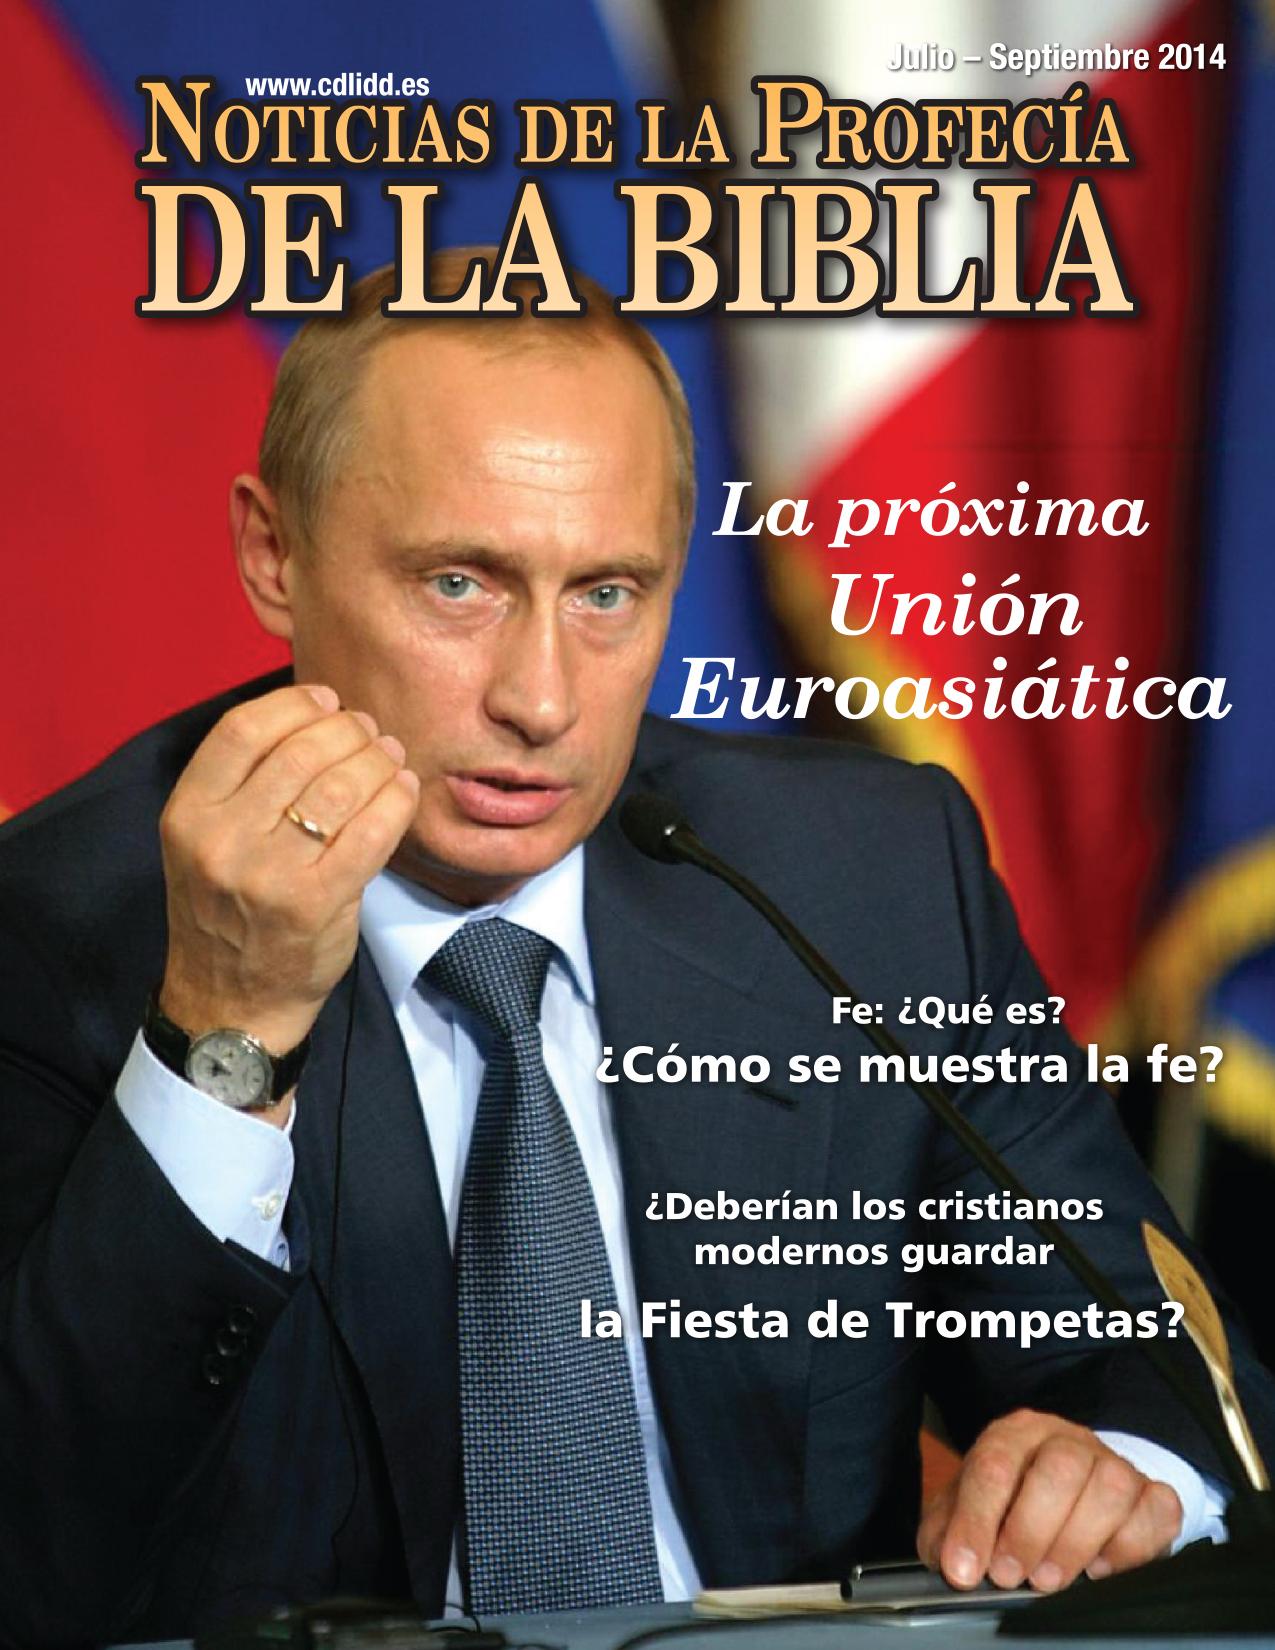 Spanish Magazine Covers